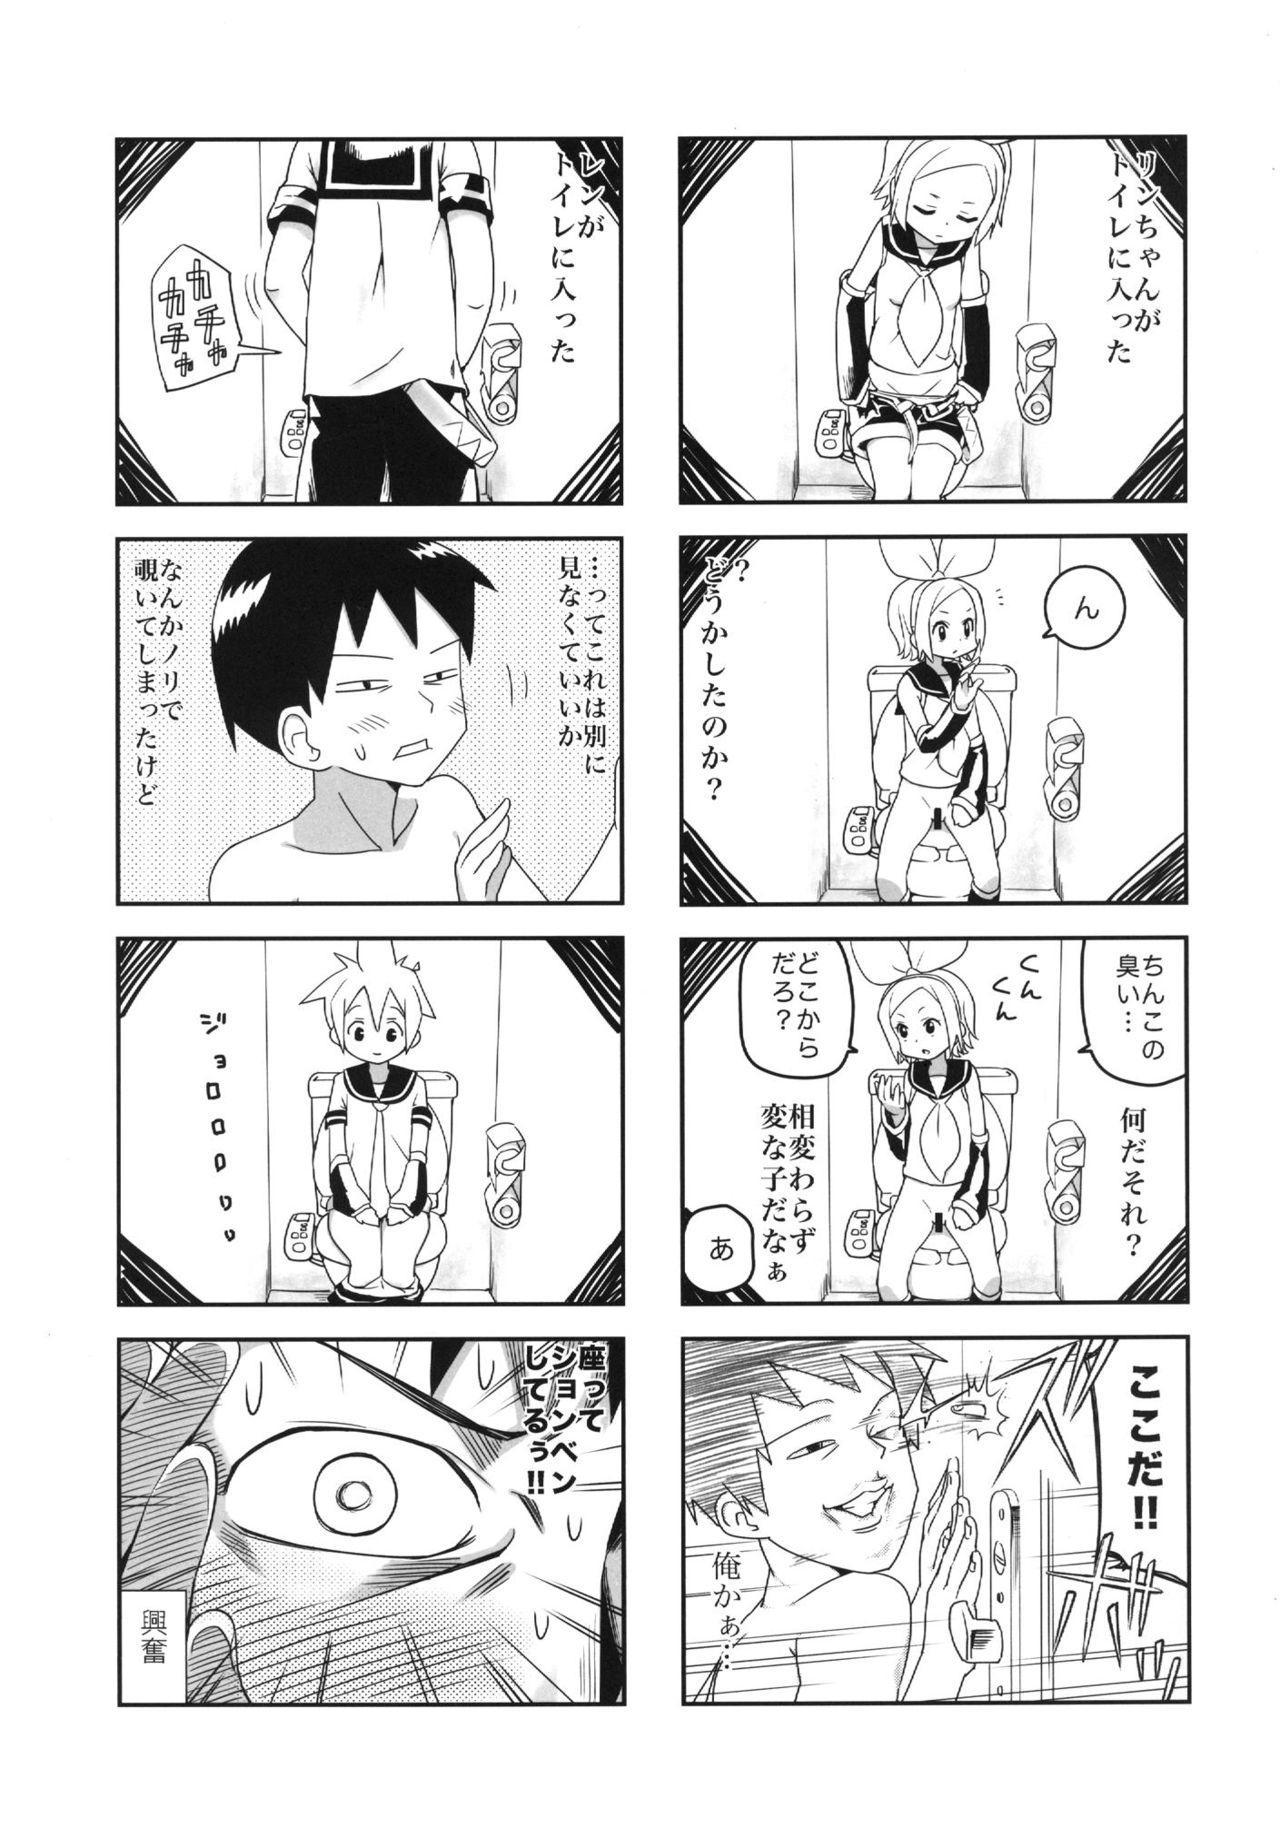 Mikkumiku na Hannou volume. 5 7